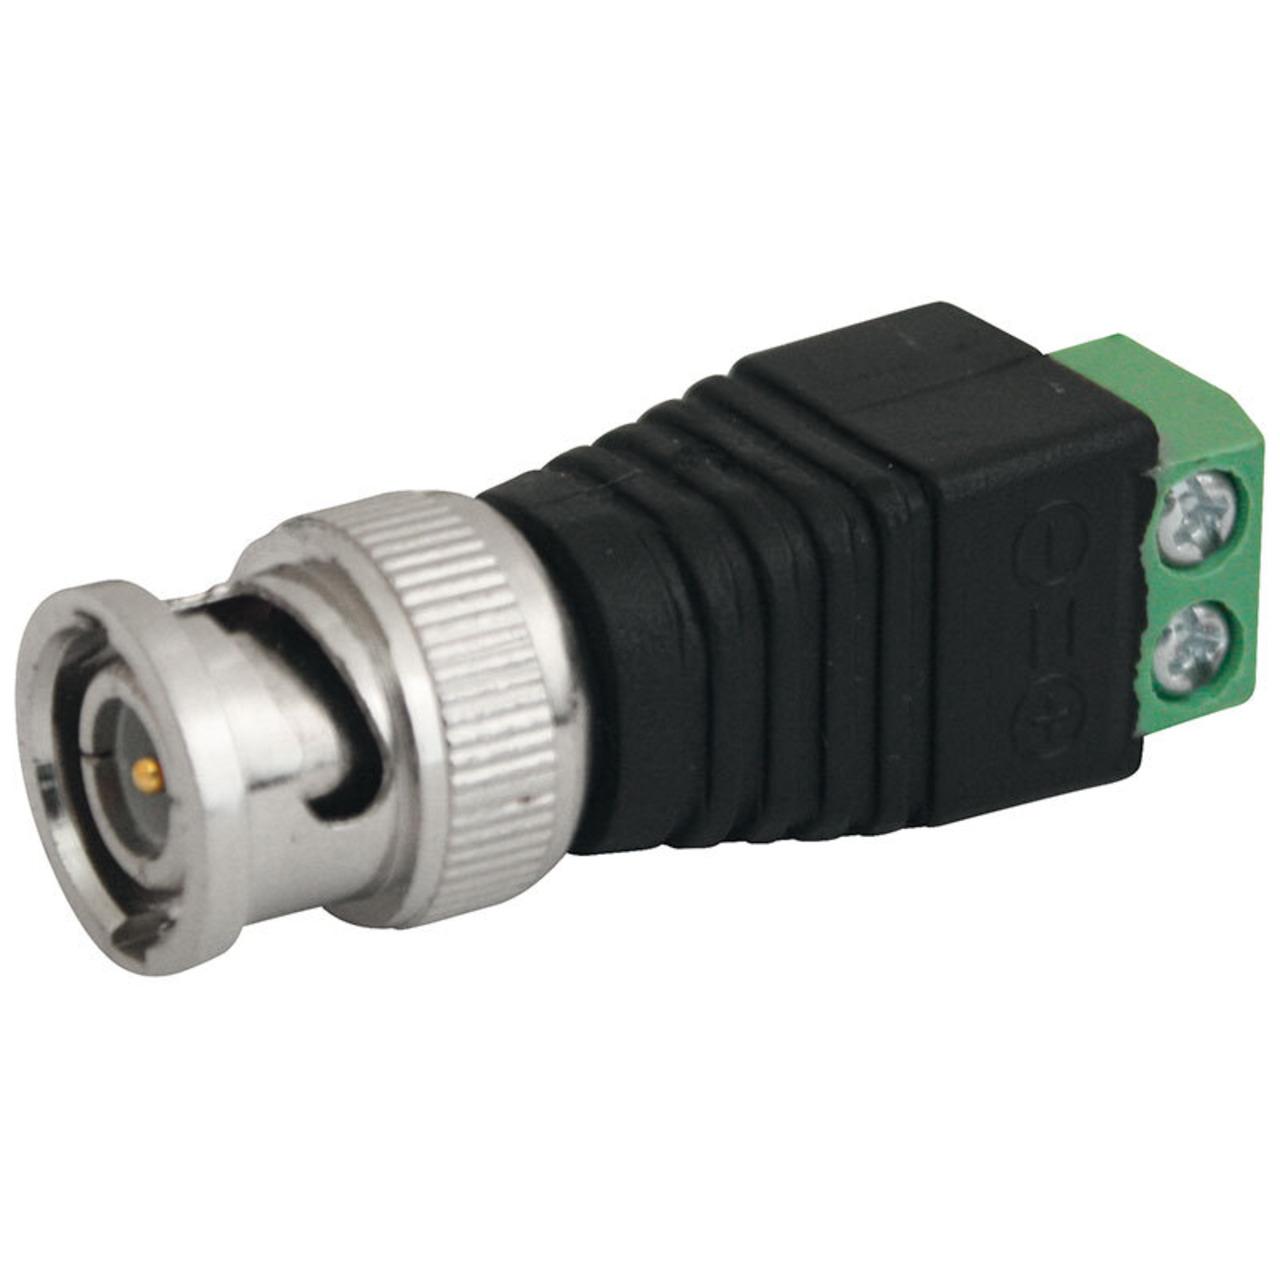 Image of BNC Stecker mit Bajonettkupplung